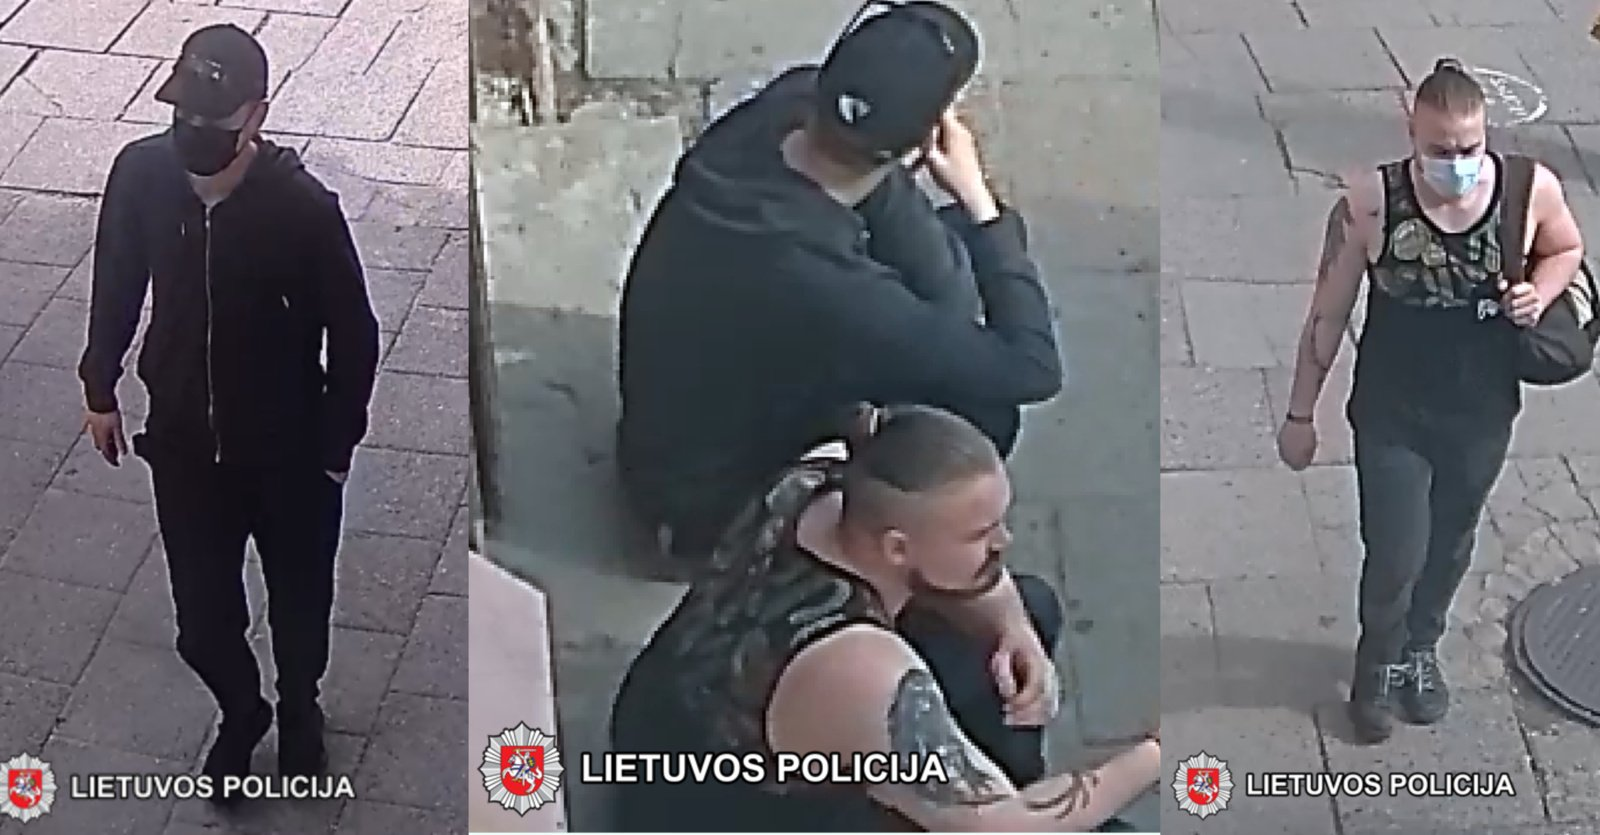 Sostinės policija aiškinasi, kas išdaužė troleibuso durų stiklą